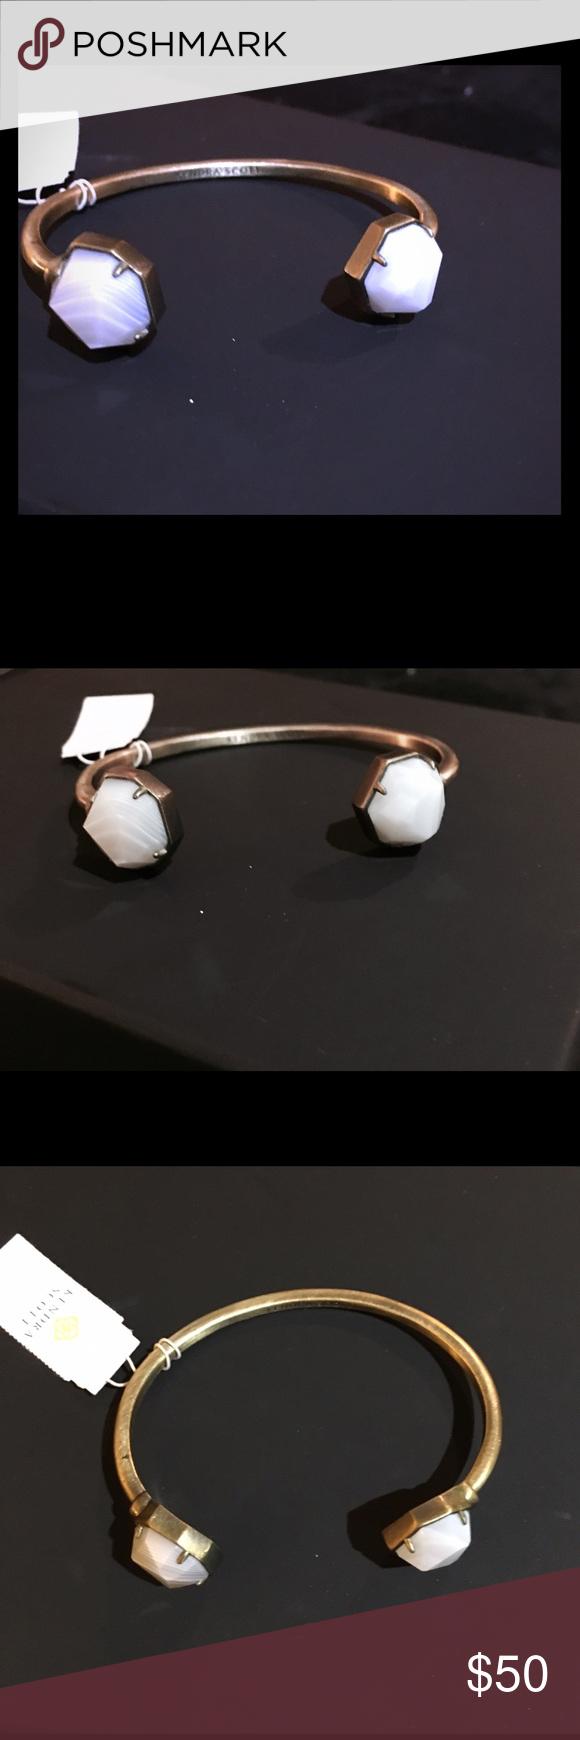 Kendra scott brinkley cuff sold out kendra scott jewelry scott